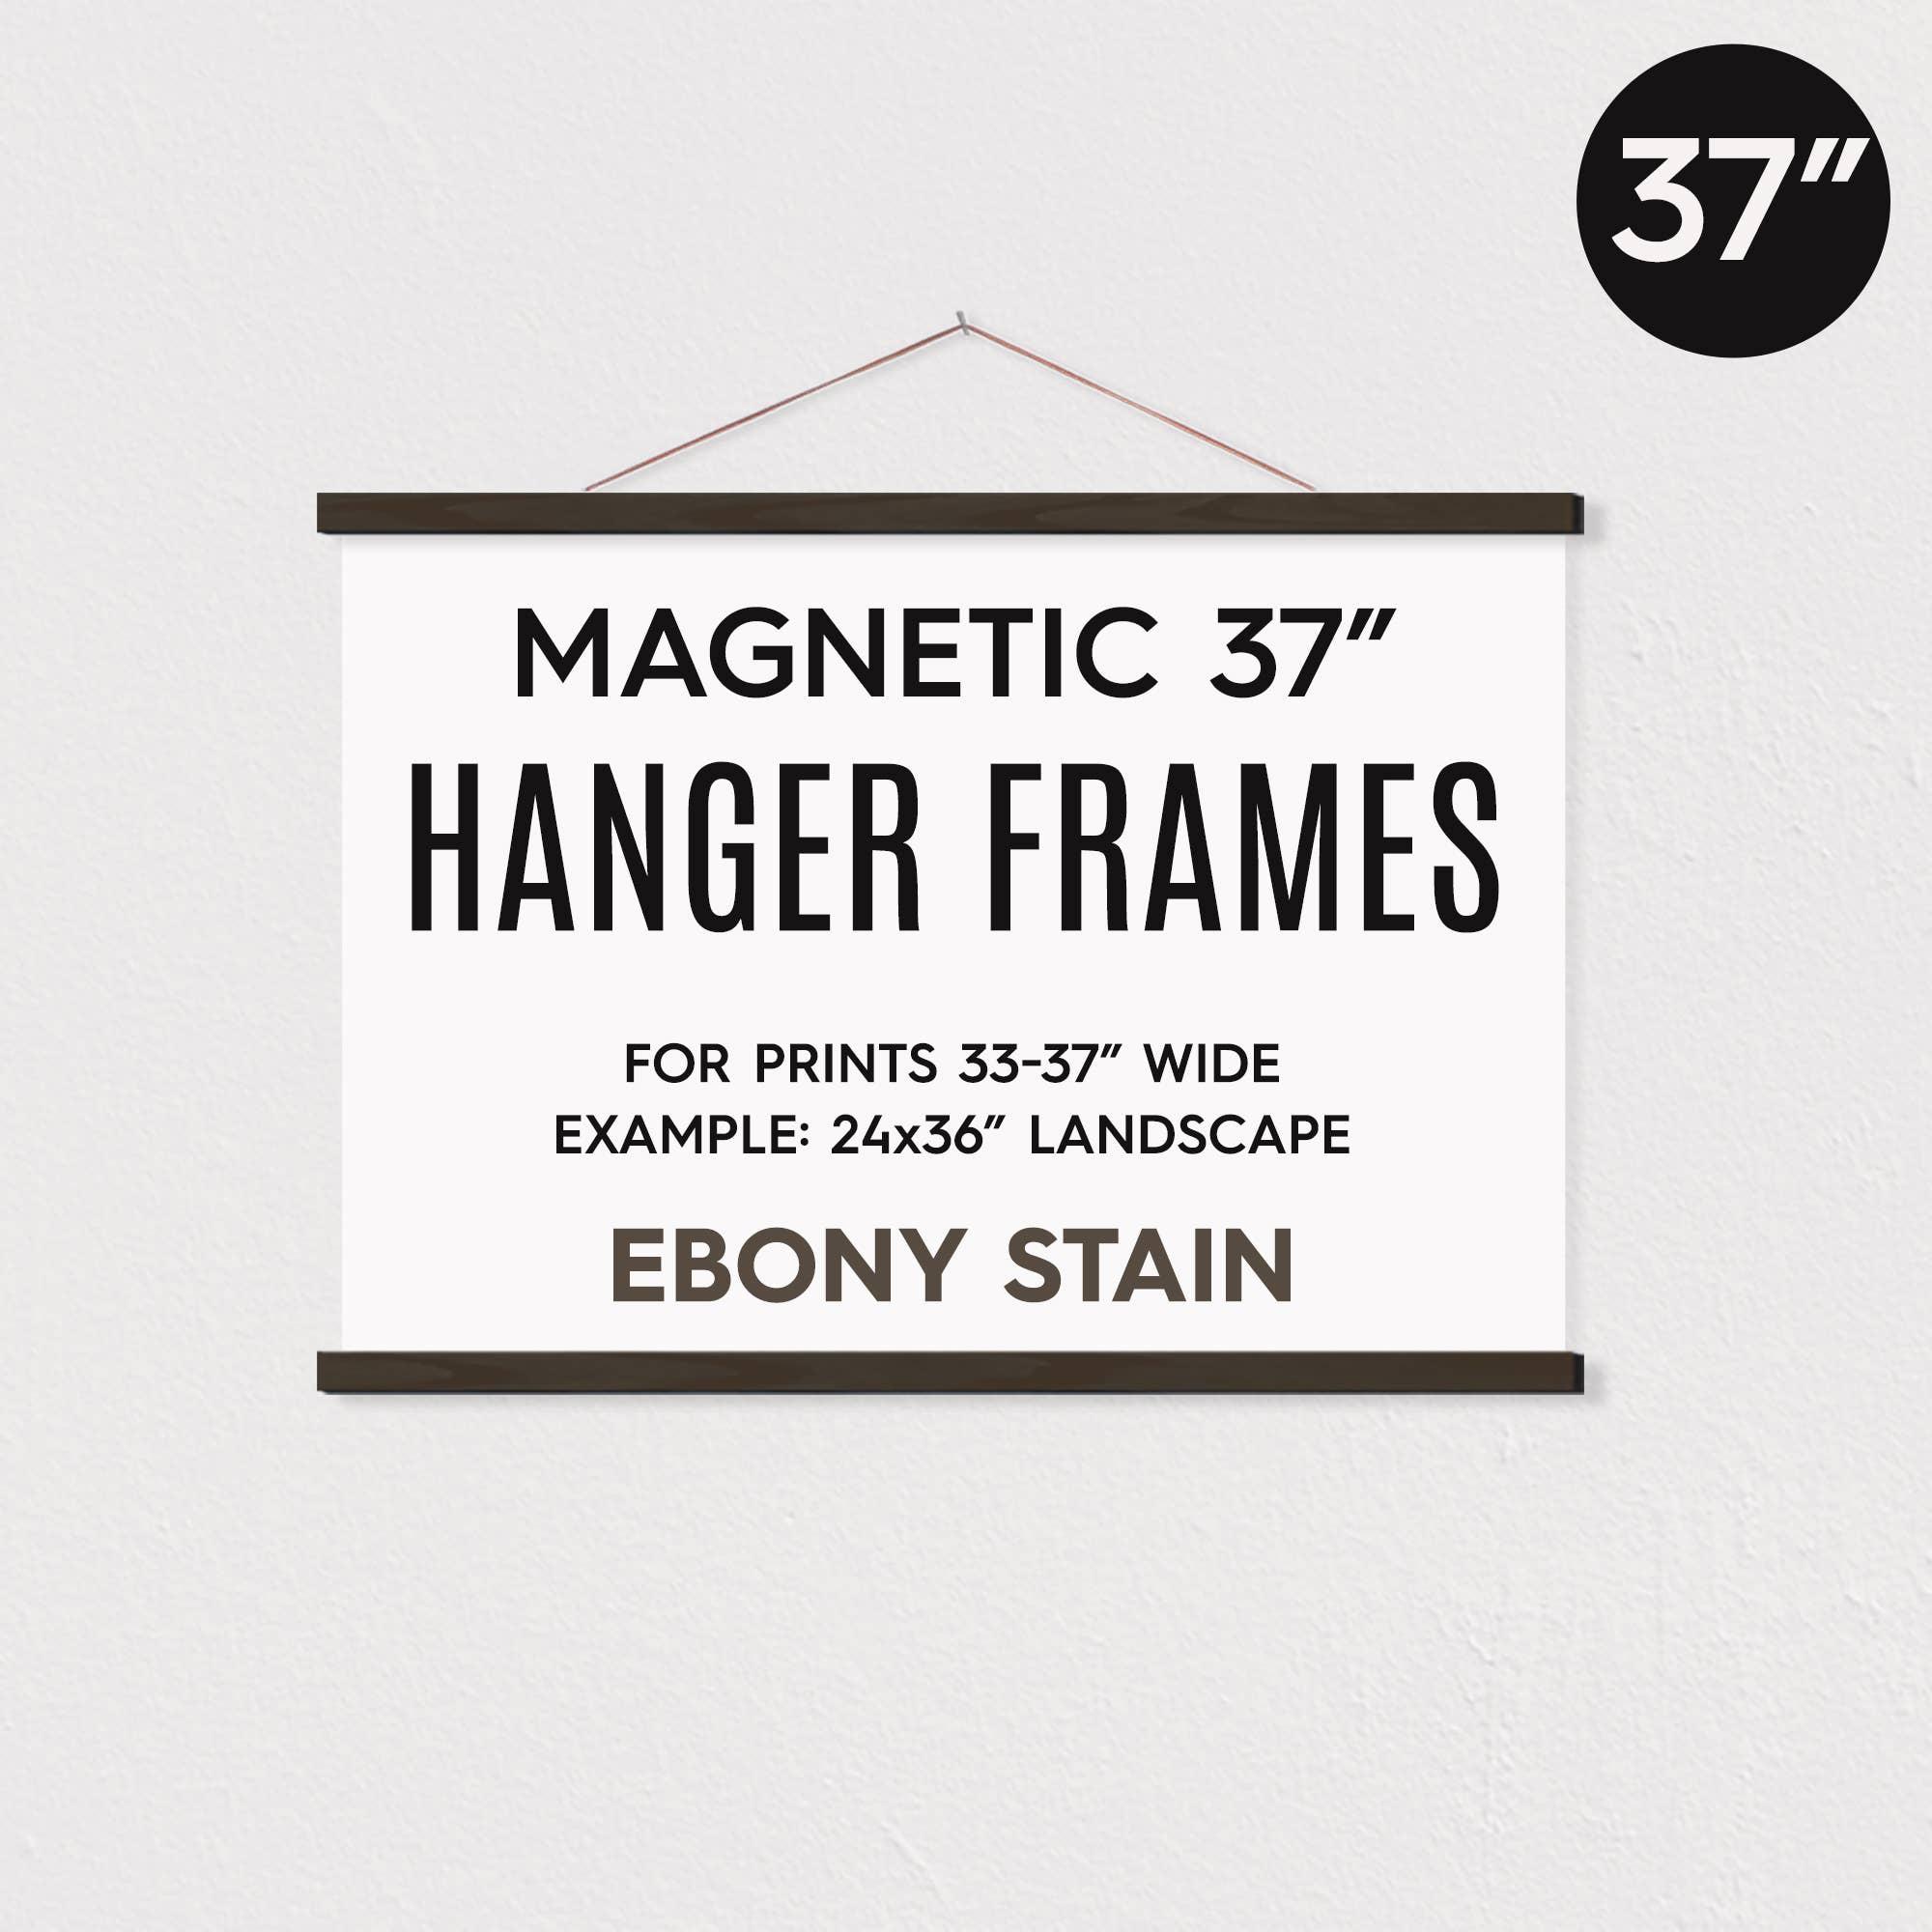 """37"""" MAGNETIC Poster Hanger Frame for 24x36"""" Landscape Prints   Trada Marketplace"""